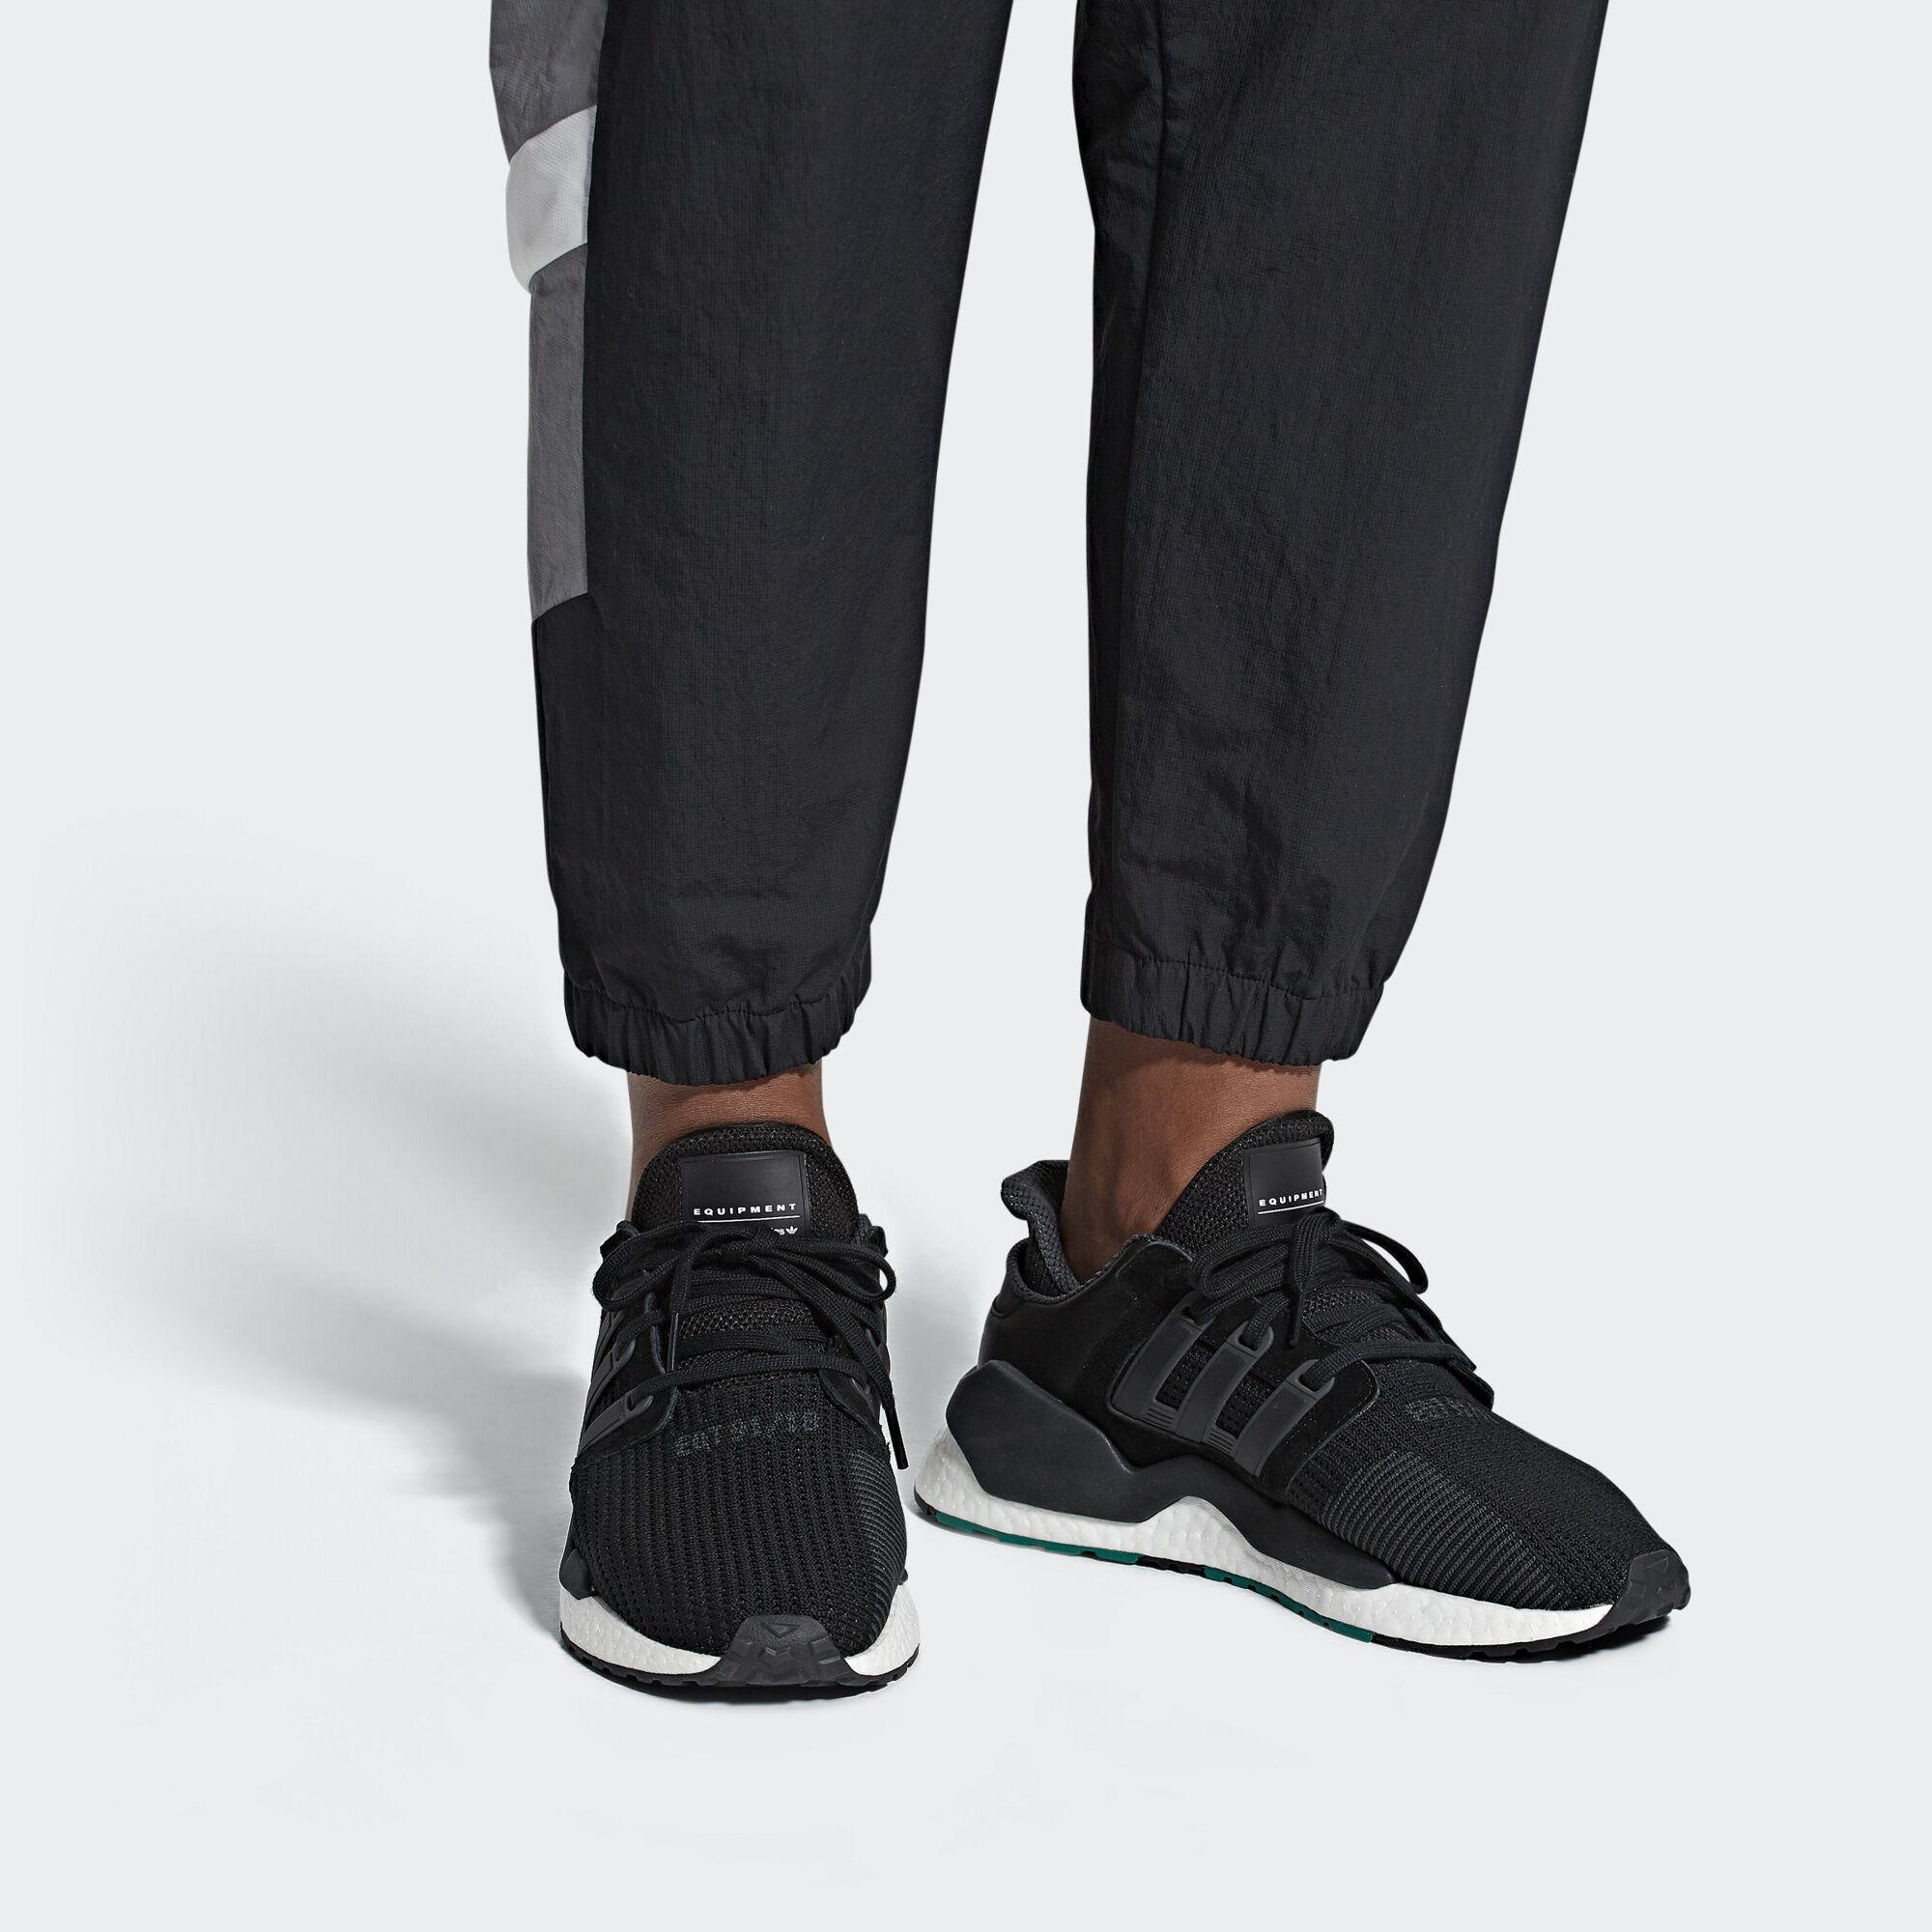 new concept 86f69 da90f adidas EQT Support 9118 Shoes - Black  adidas UK